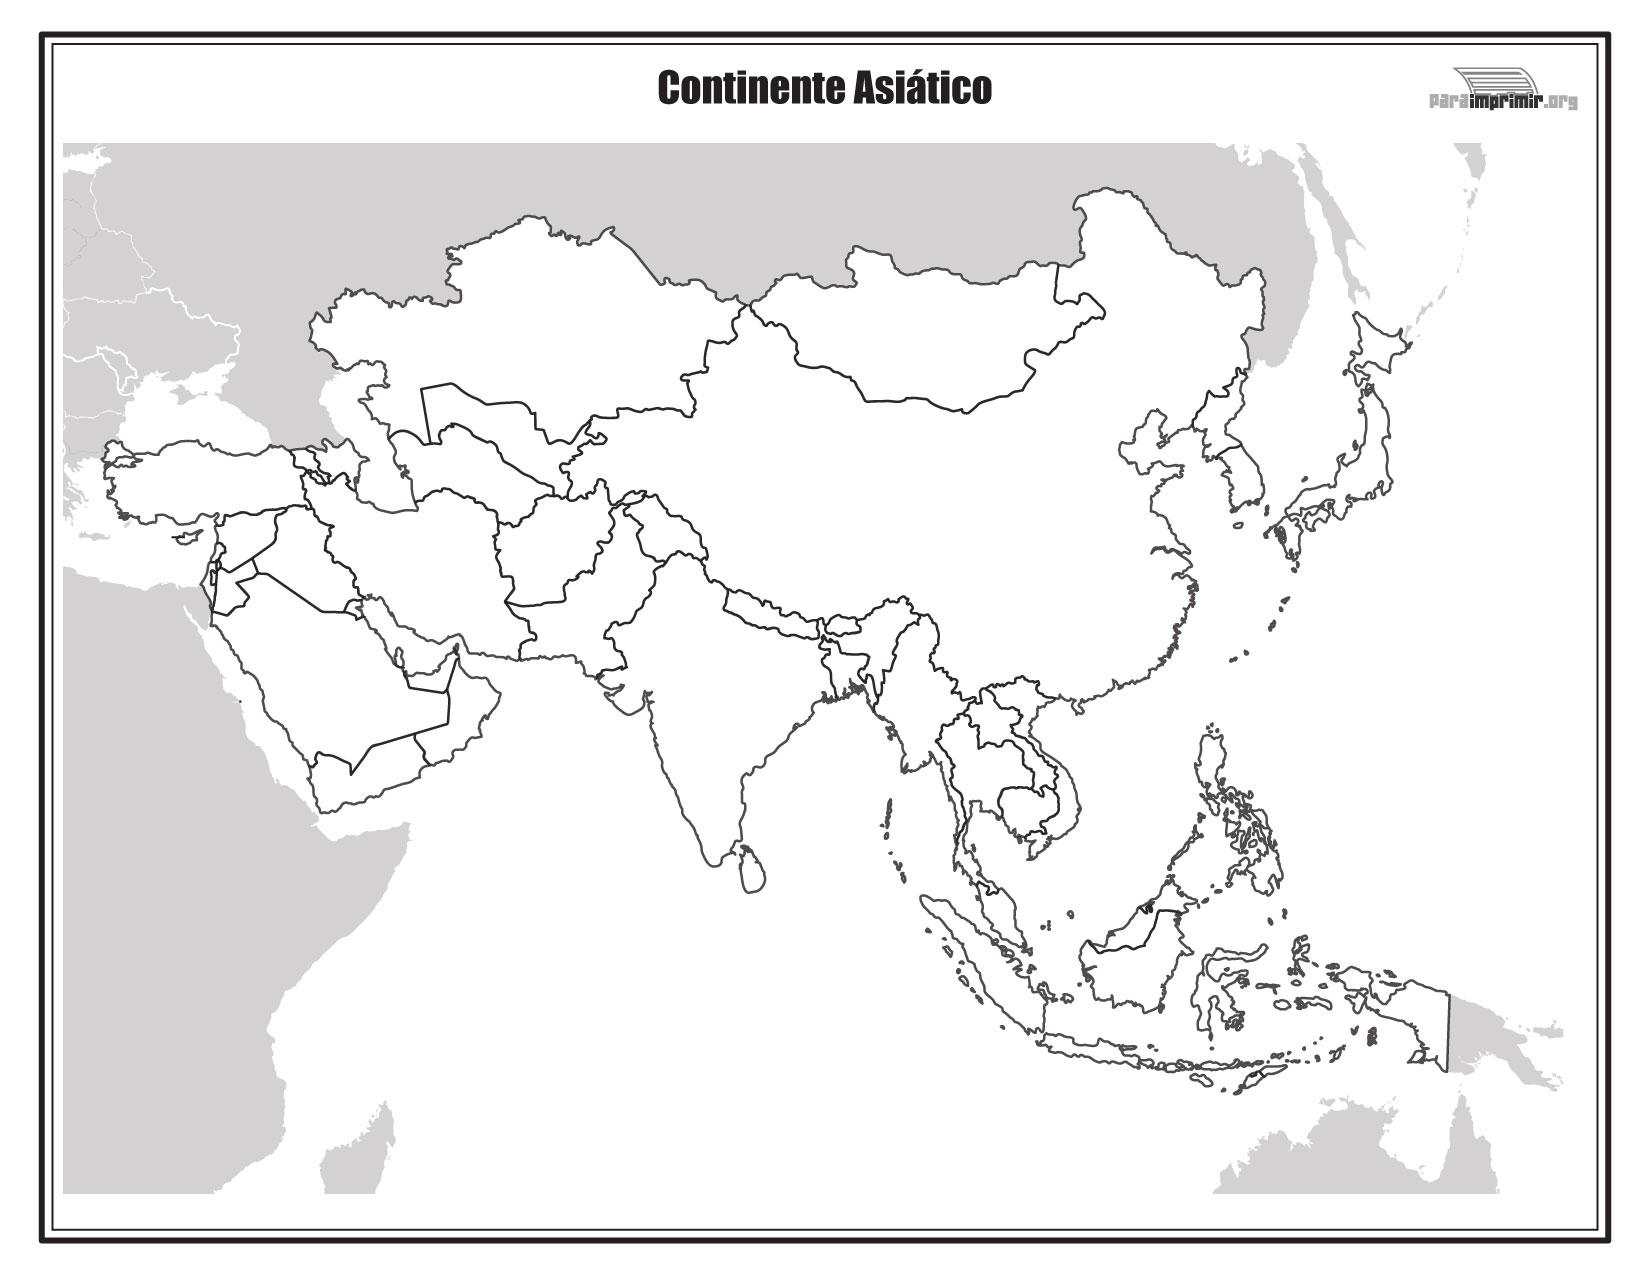 Mapa Del Continente Asiático Sin Nombres Para Imprimir